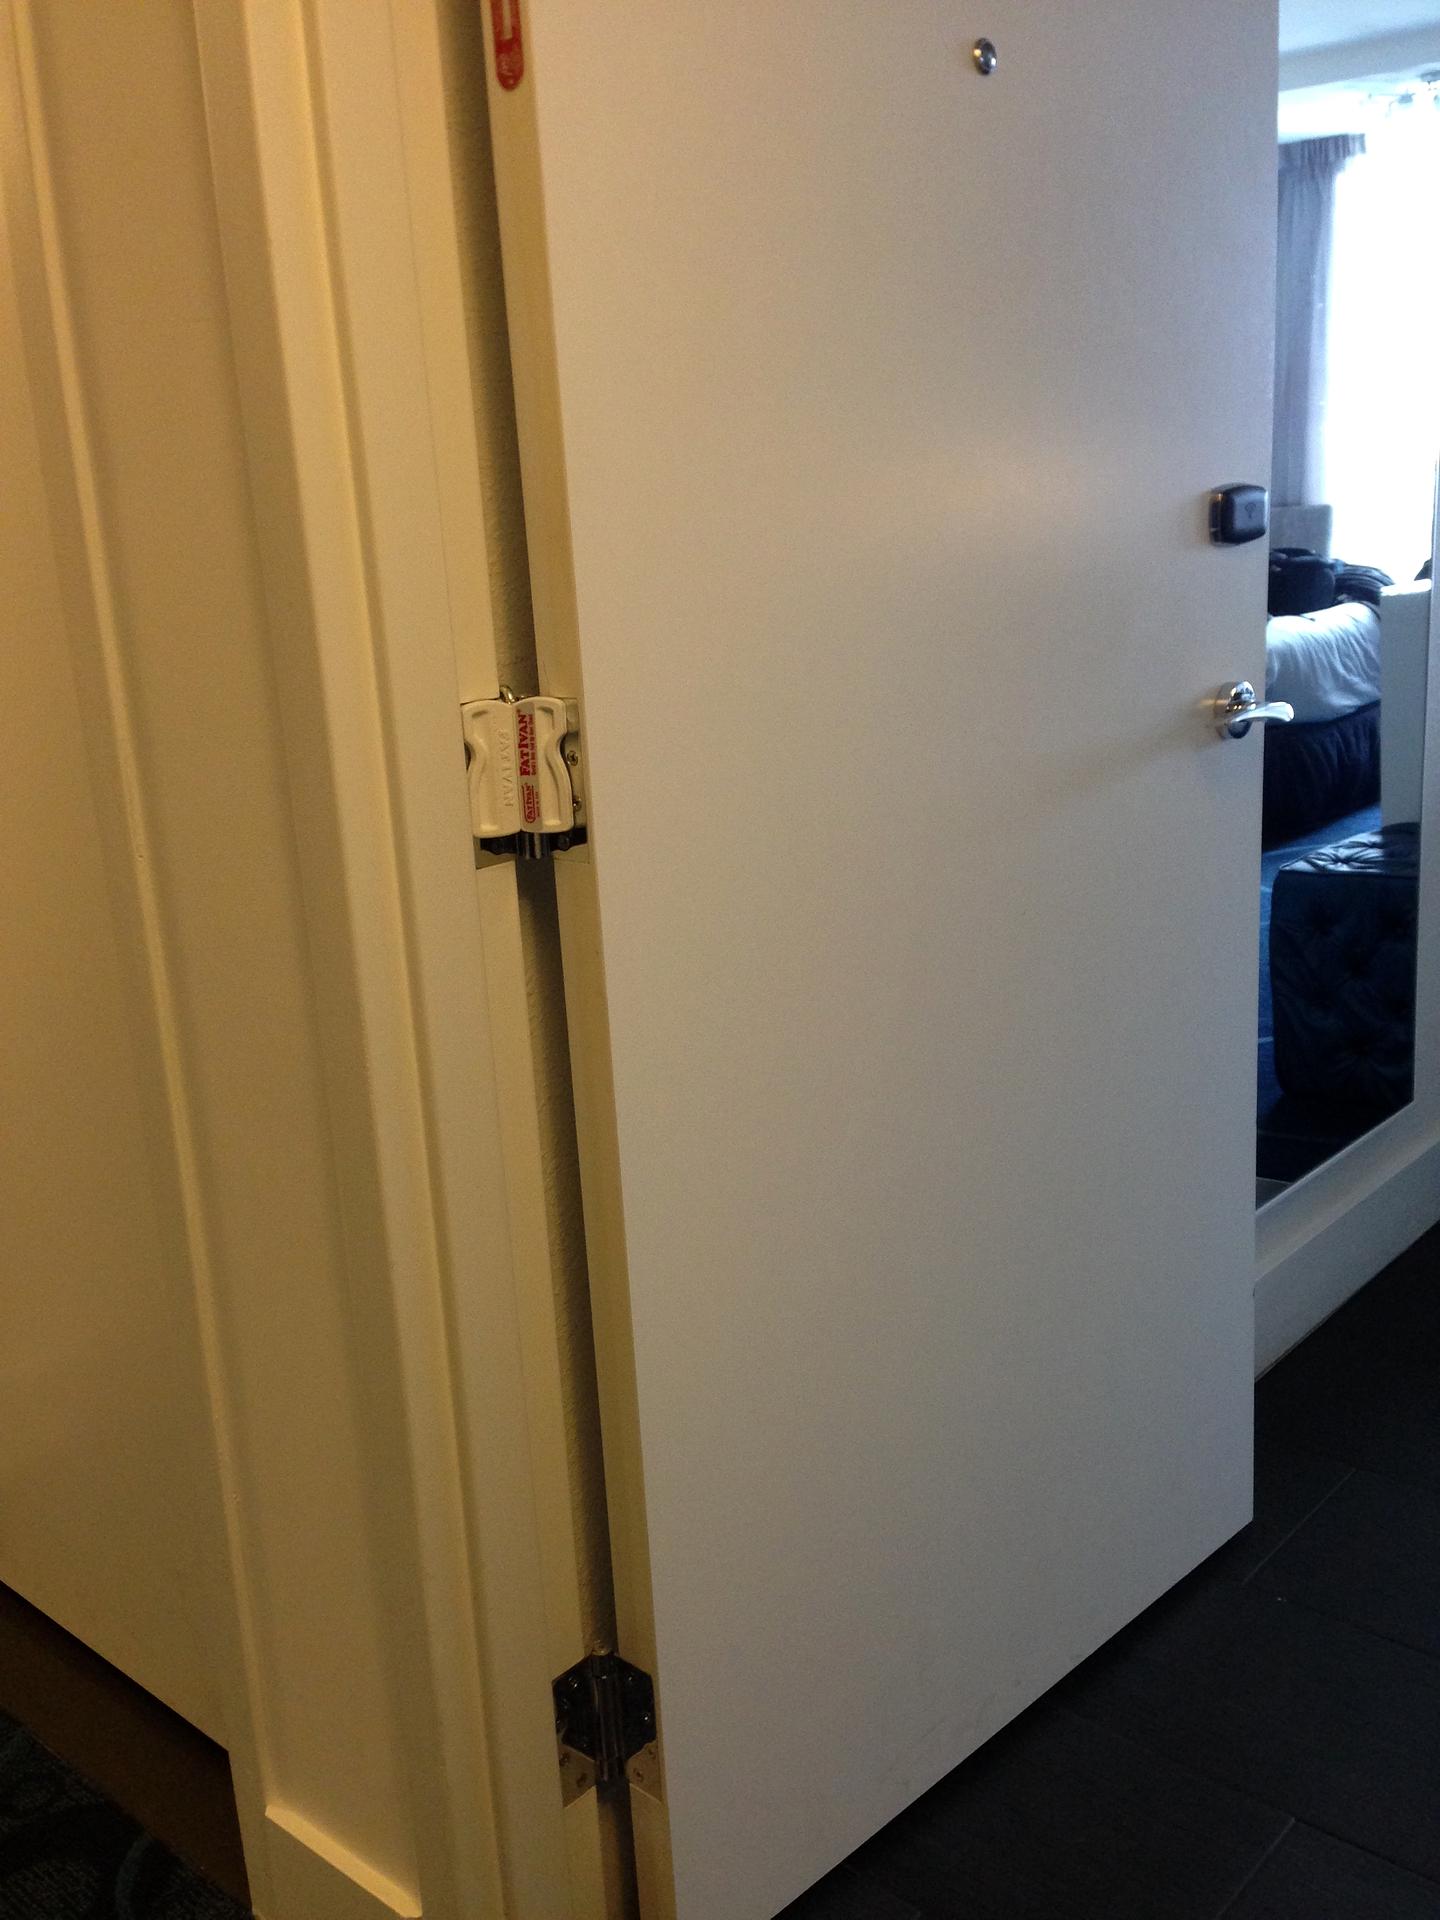 ... HEAVY DUTY DOOR STOPPER - FatIvan Original ... & HEAVY DUTY DOOR STOPPER - FatIvan Original | SAFETY BOULEVARD ...